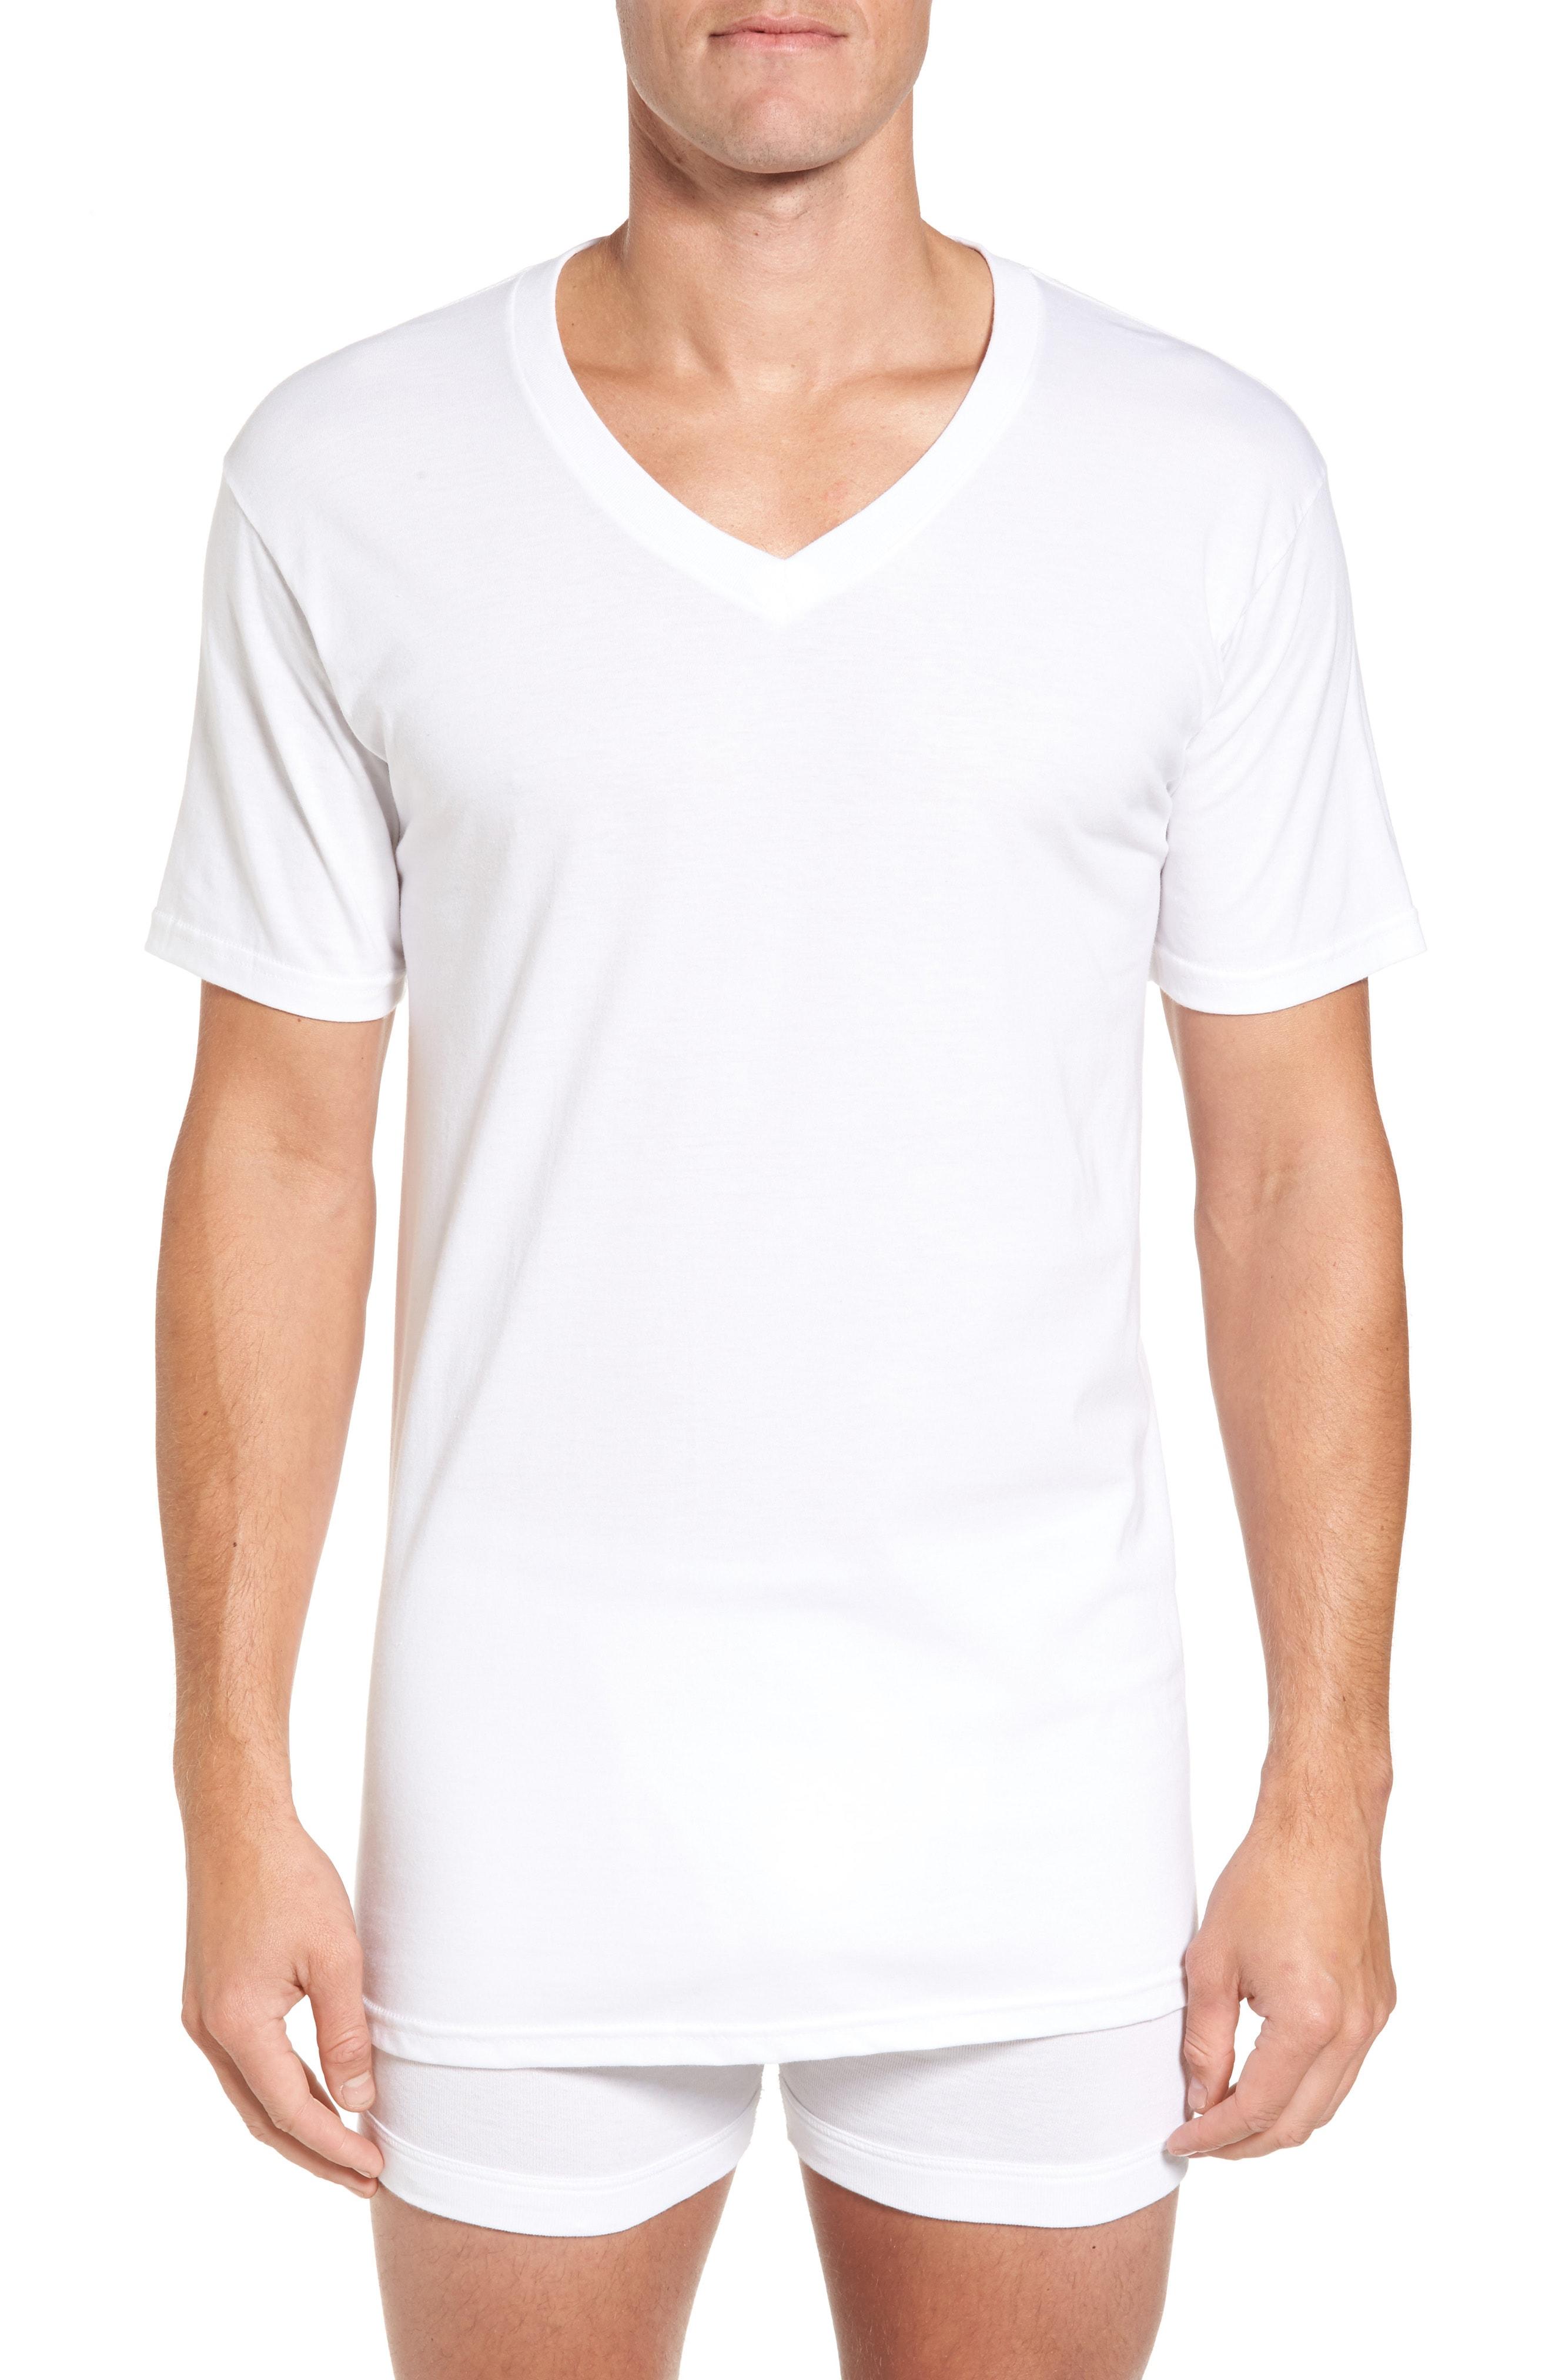 Nordstrom Men's Shop 4-Pack Regular Fit Supima Cotton V-Neck T-Shirts